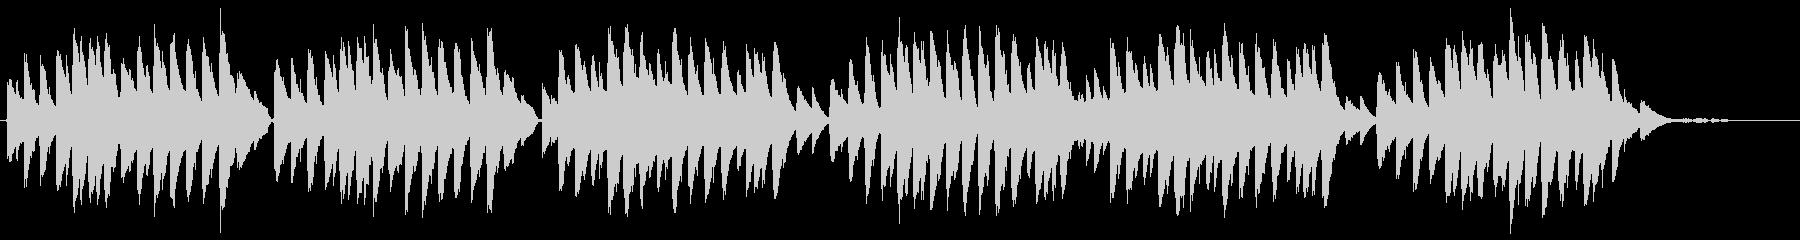 やさしく穏やかな雰囲気のピアノ曲生演奏の未再生の波形